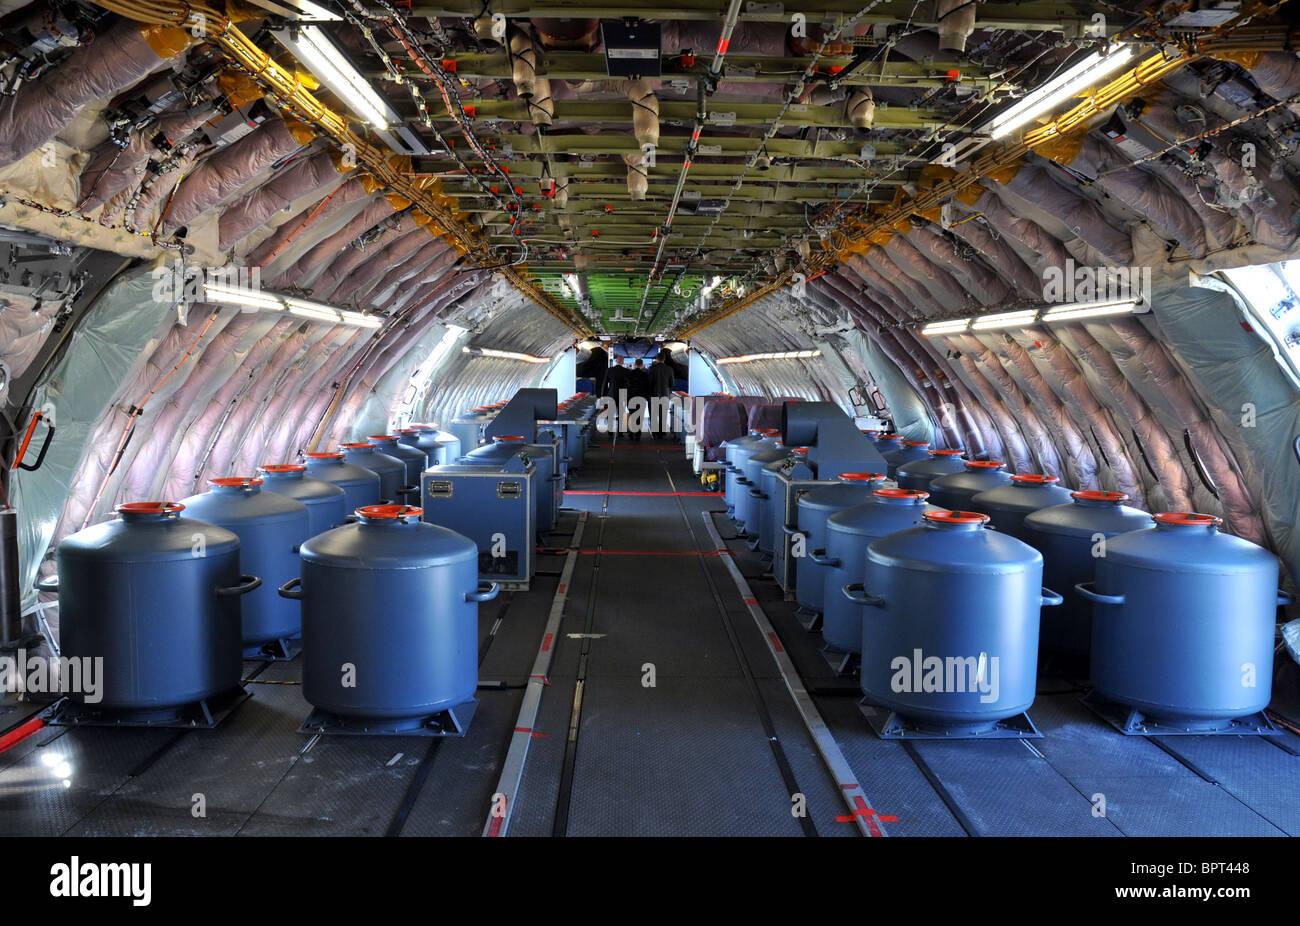 eminem a380 airbus interior - photo #32